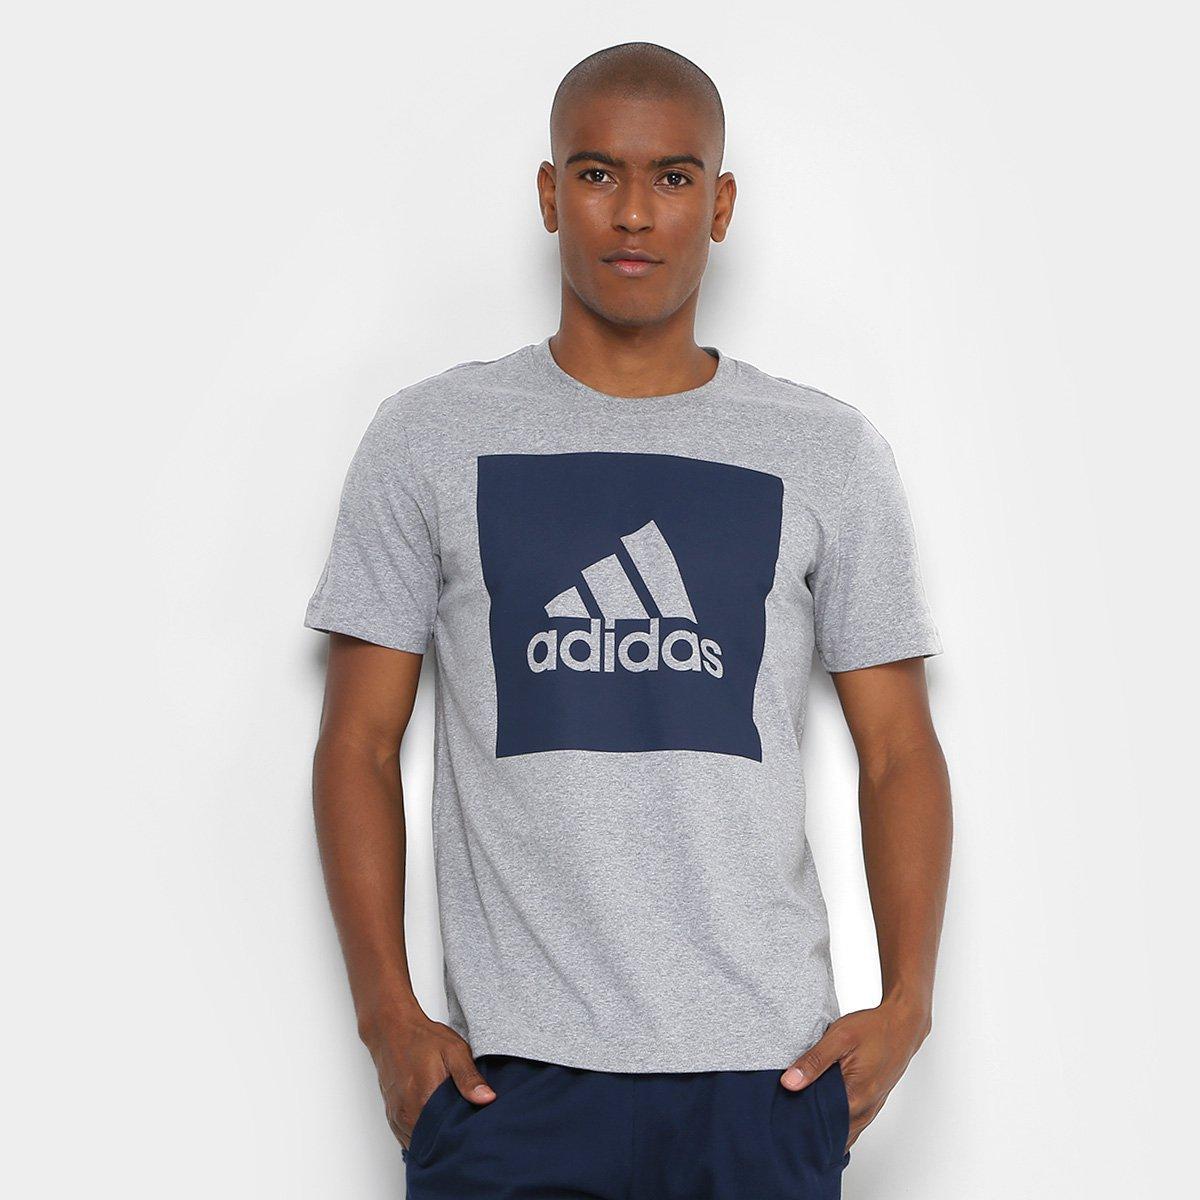 c0b356174f ... Camiseta Adidas Ess Biglogo Masculina - Cinza - Compre Agora São .